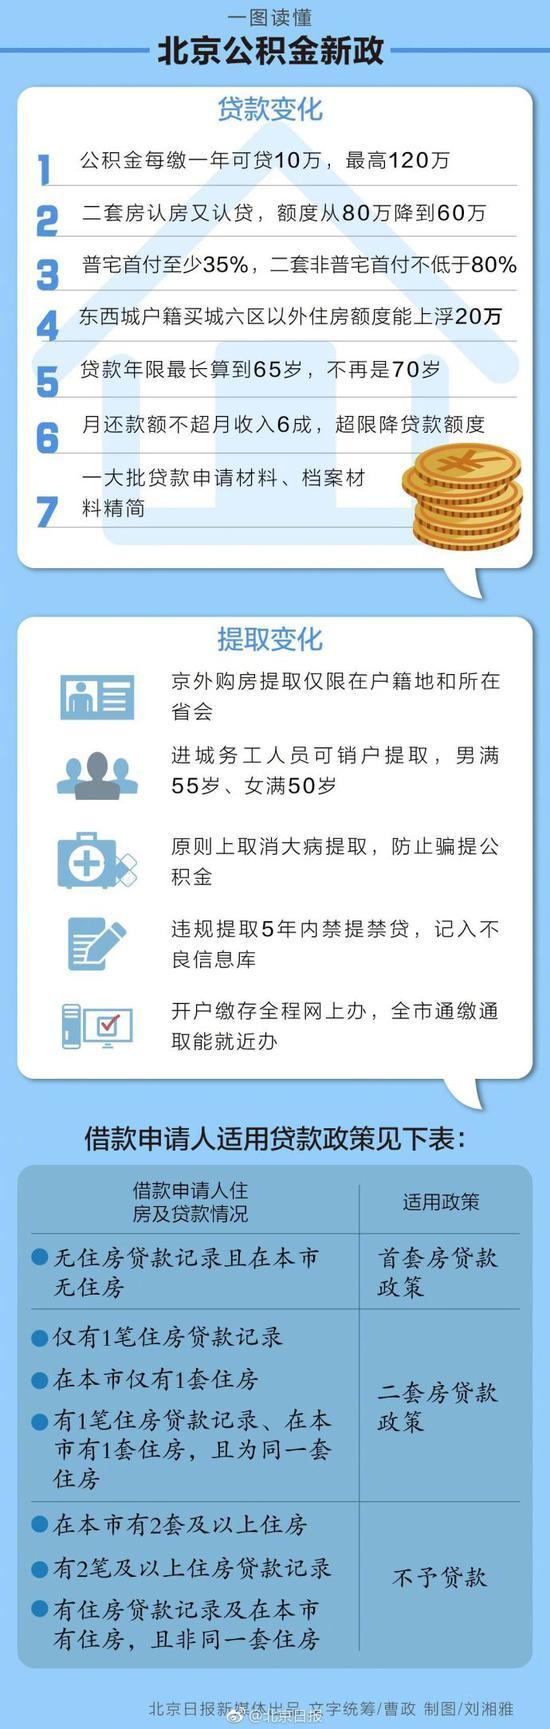 北京公积金出新政:认房又认贷每缴存1年可贷10万